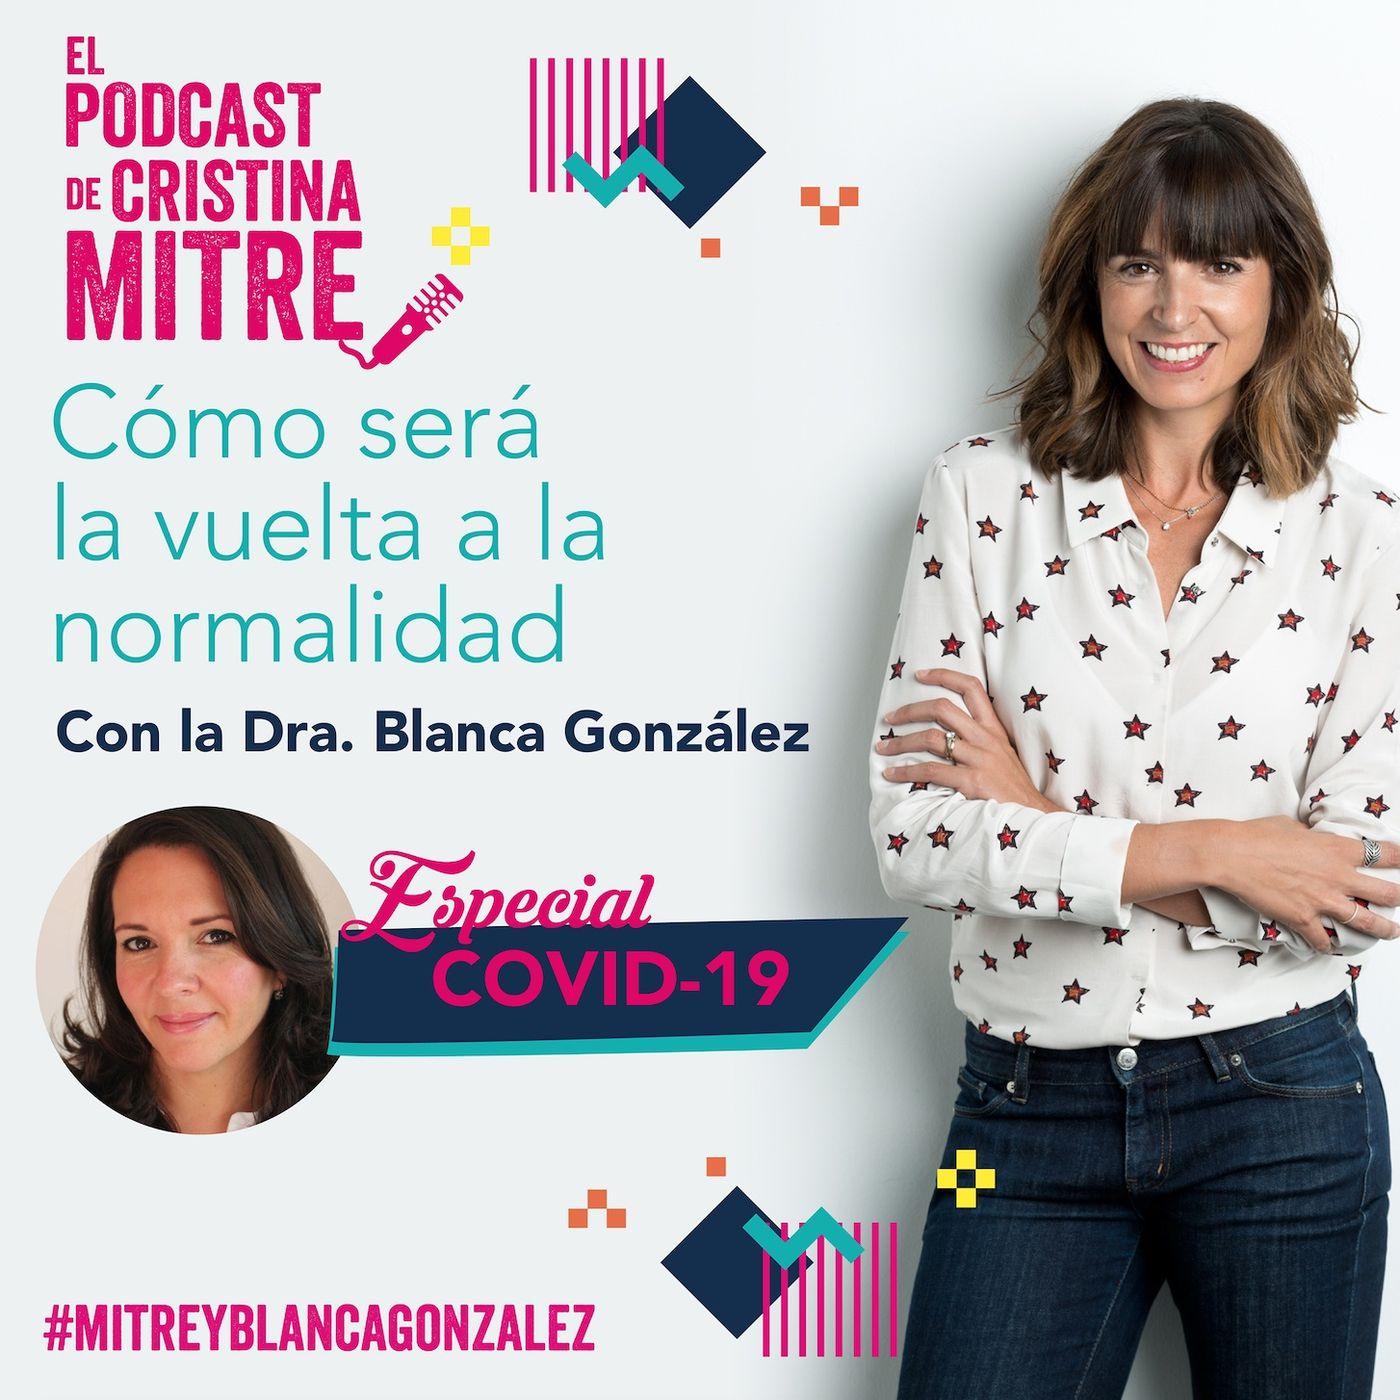 """Cómo será la vuelta a la """"normalidad"""" con Blanca González, doctora en biología molecular y divulgadora científica. Especial COVID-19"""